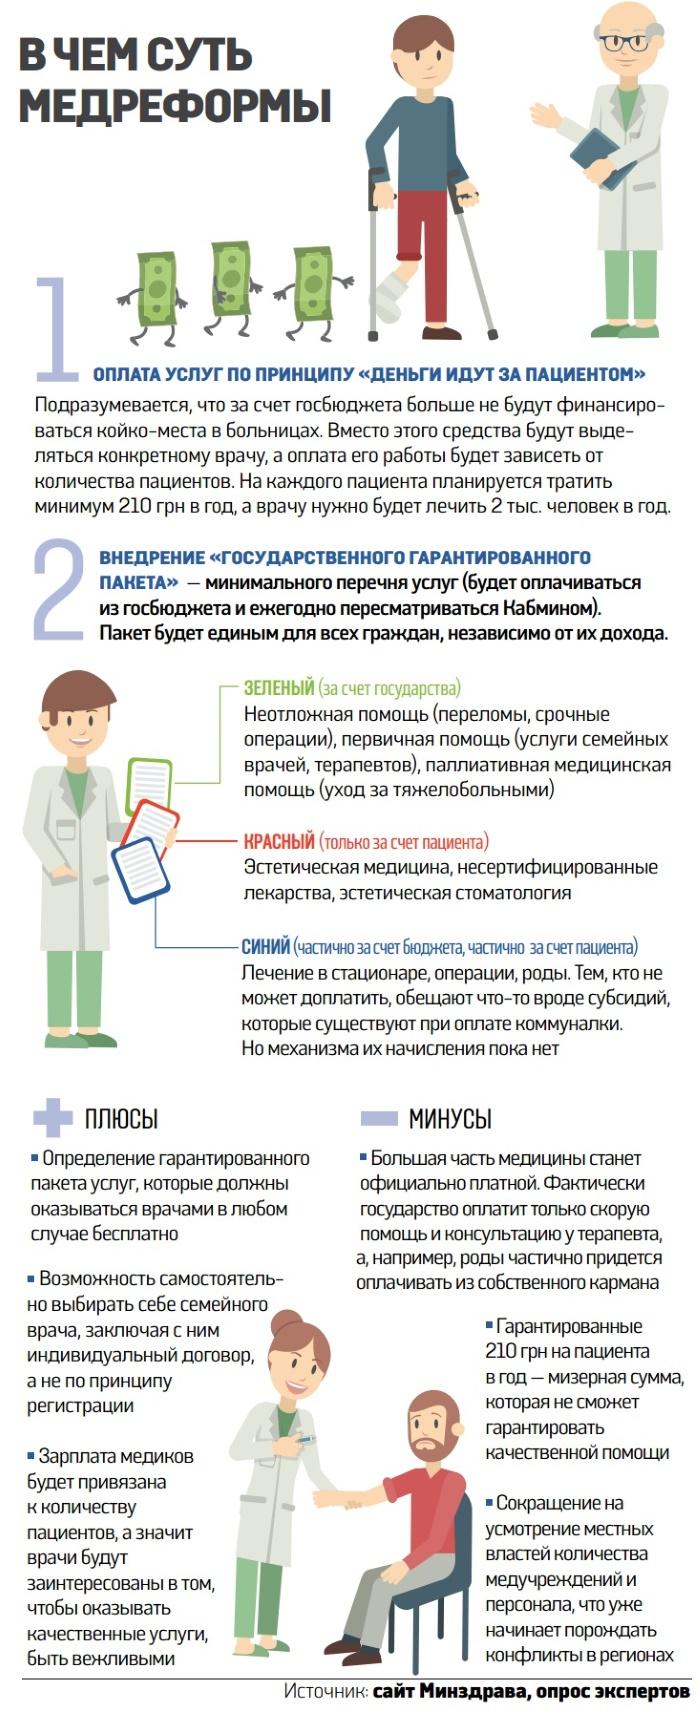 Мед реформа в Украине ее суть, страховая медицина